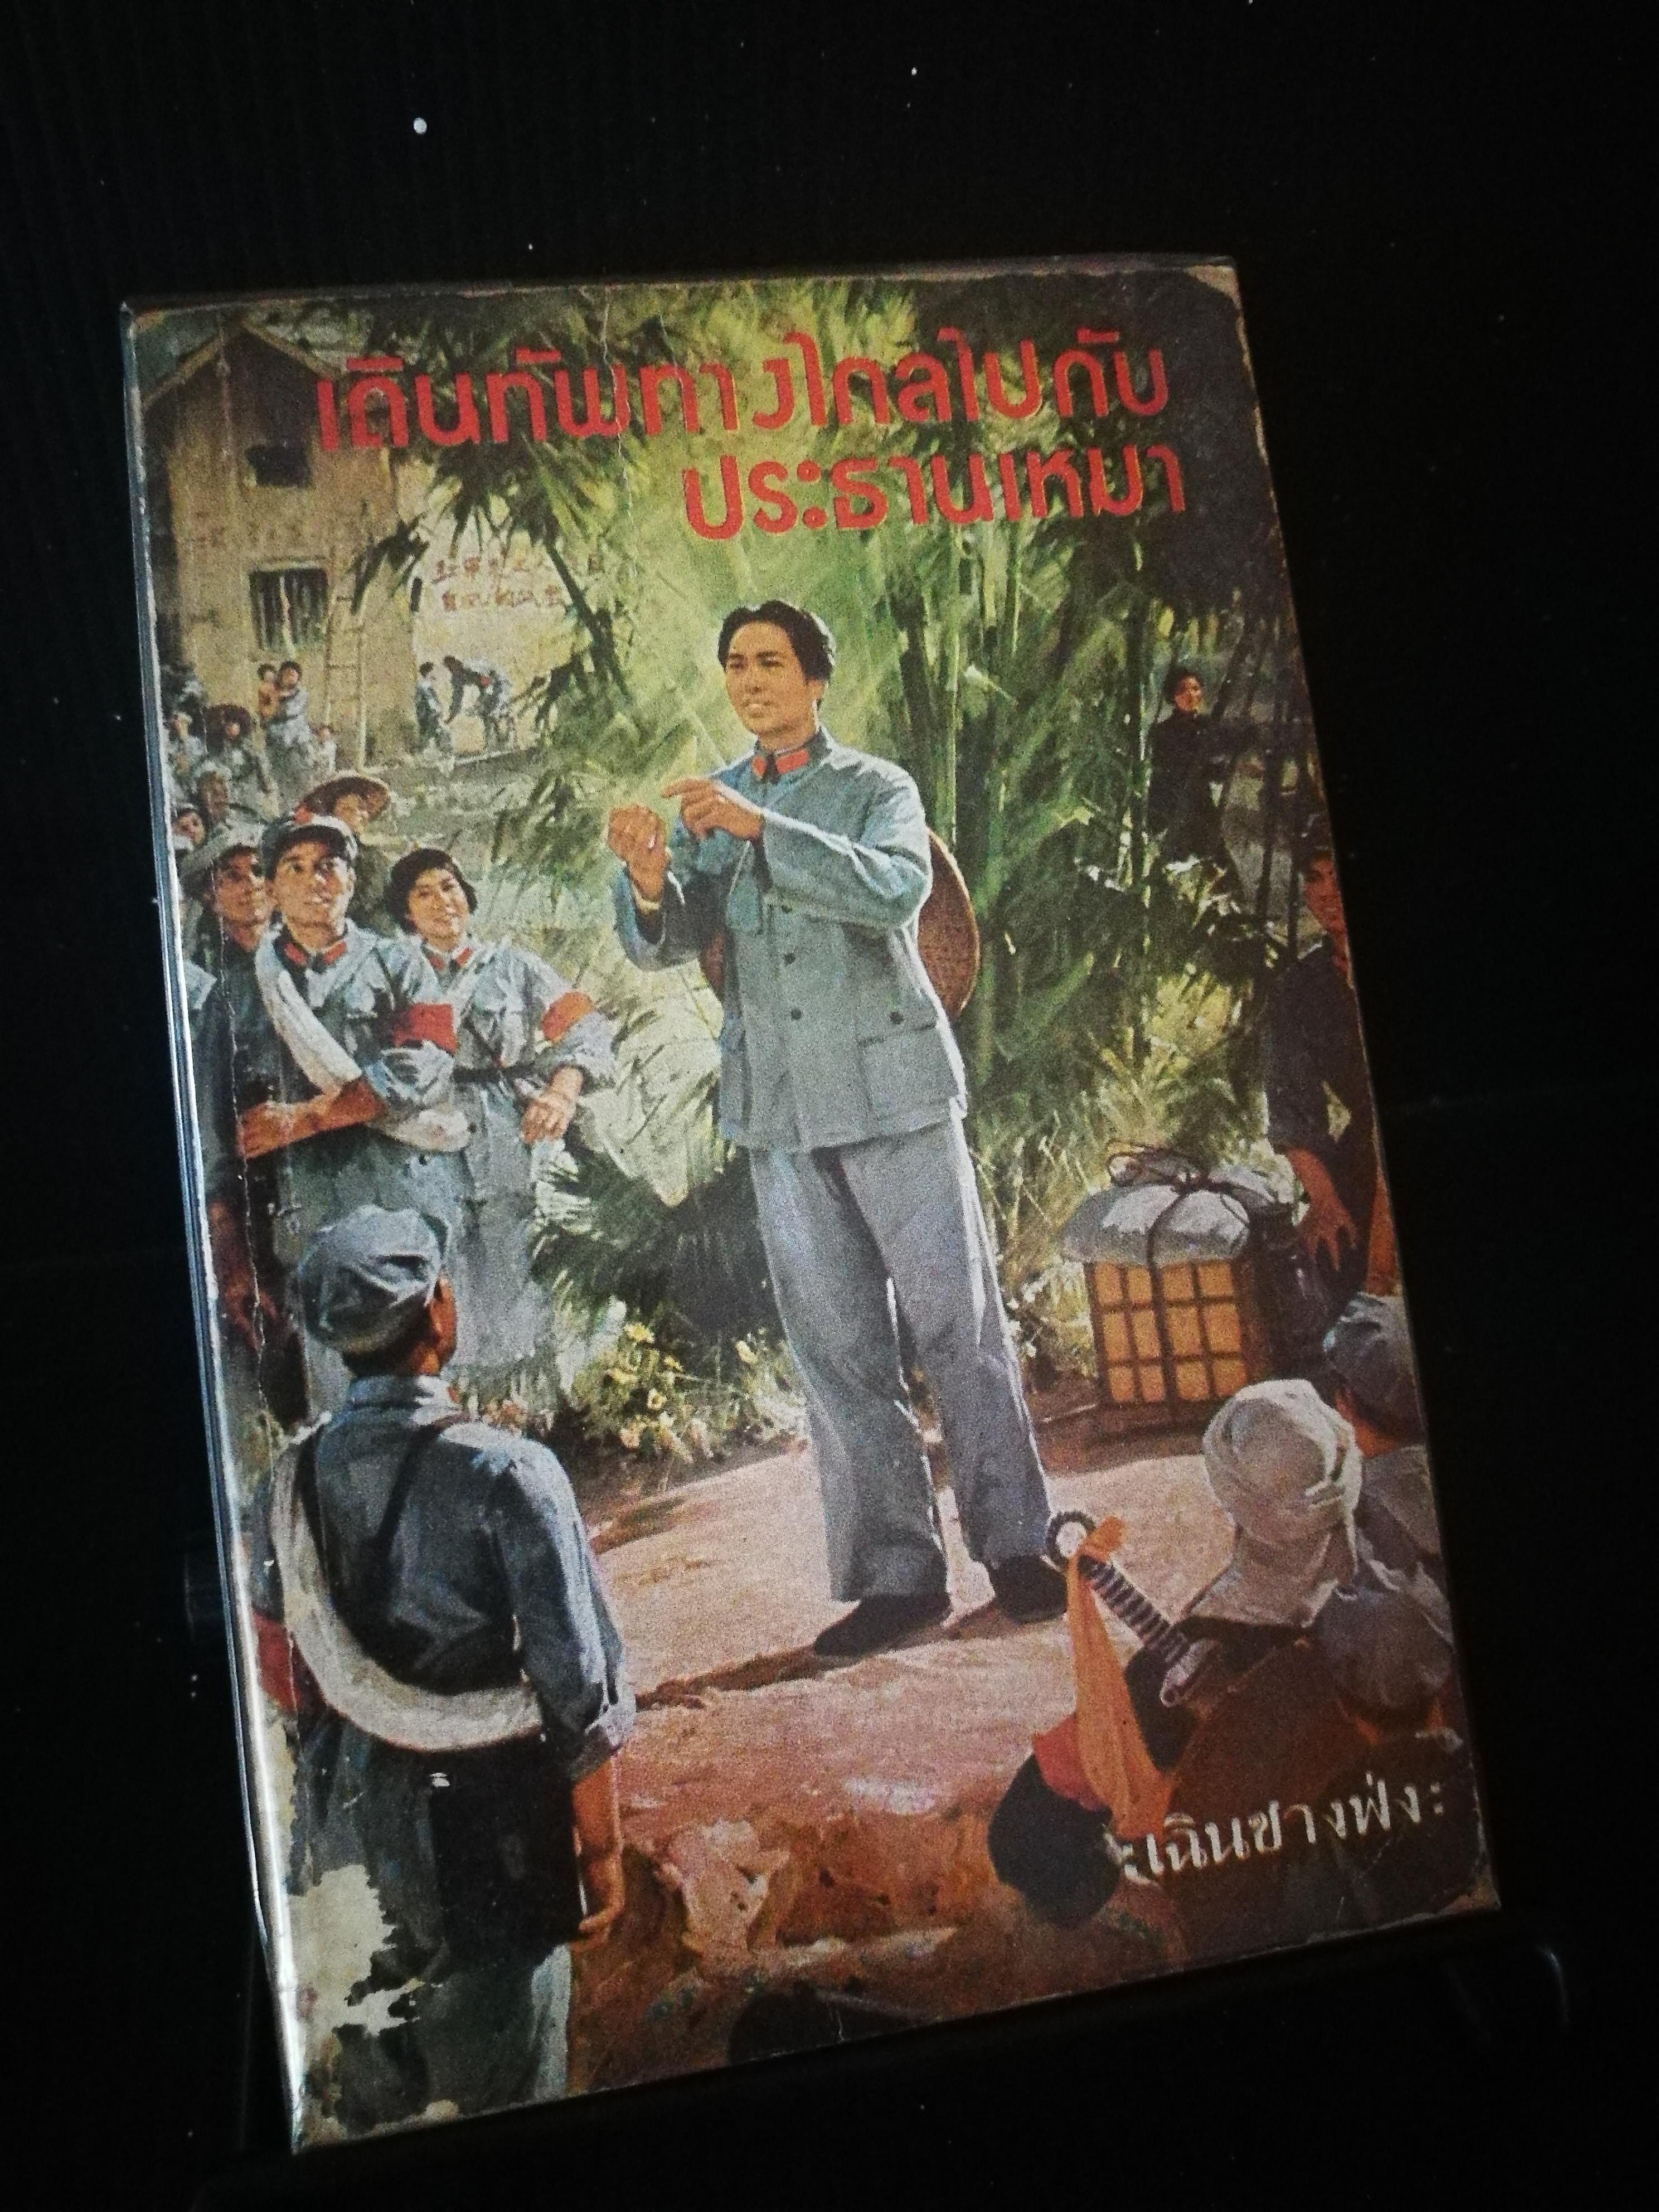 เดินทัพทางไกลไปกับประธานเหมา - หนังสือต้องห้าม